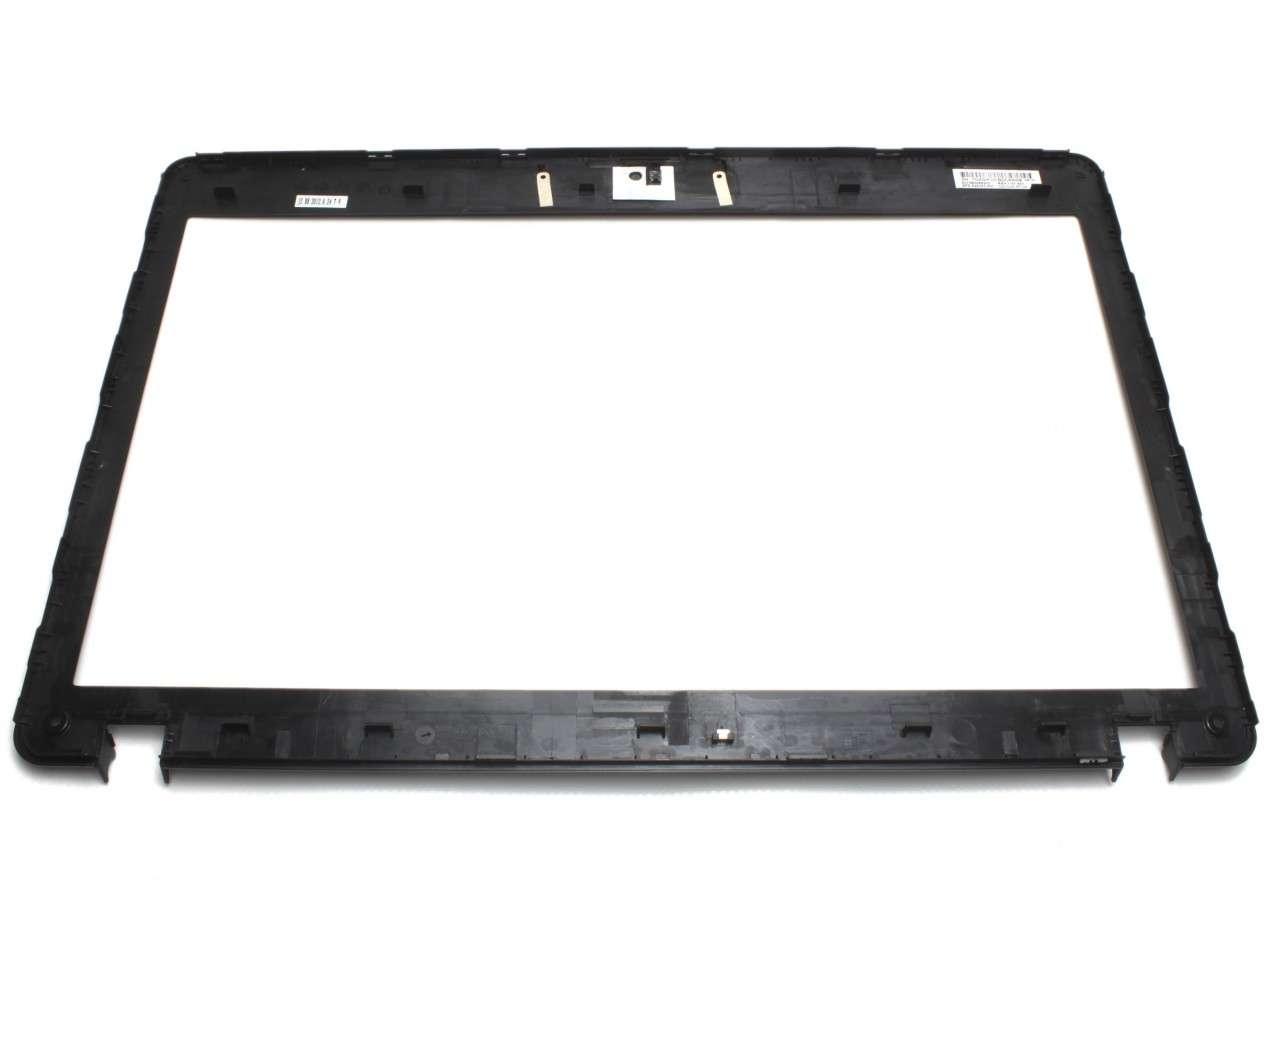 Rama Display HP ProBook 4530S Bezel Front Cover Neagra imagine powerlaptop.ro 2021